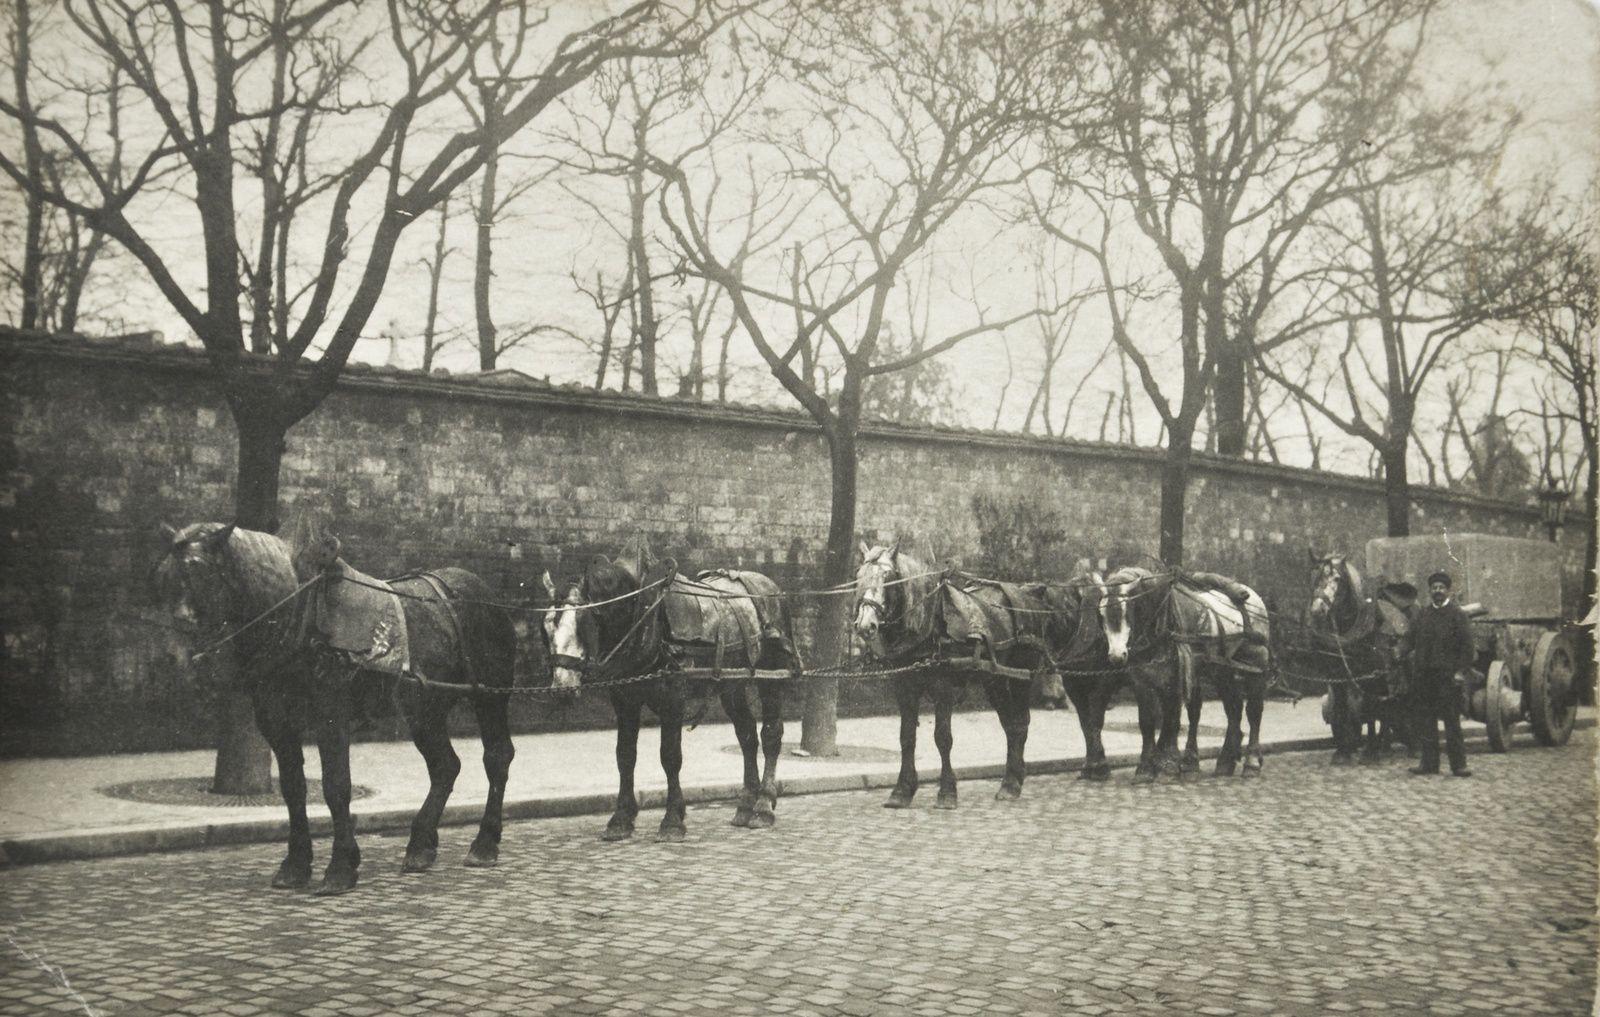 Fardier pour le transport des pierres de taille à Paris vers 1905-1910. A noter le système complexe d'attelage « en double cheville » typique du gros camionnage parisien.